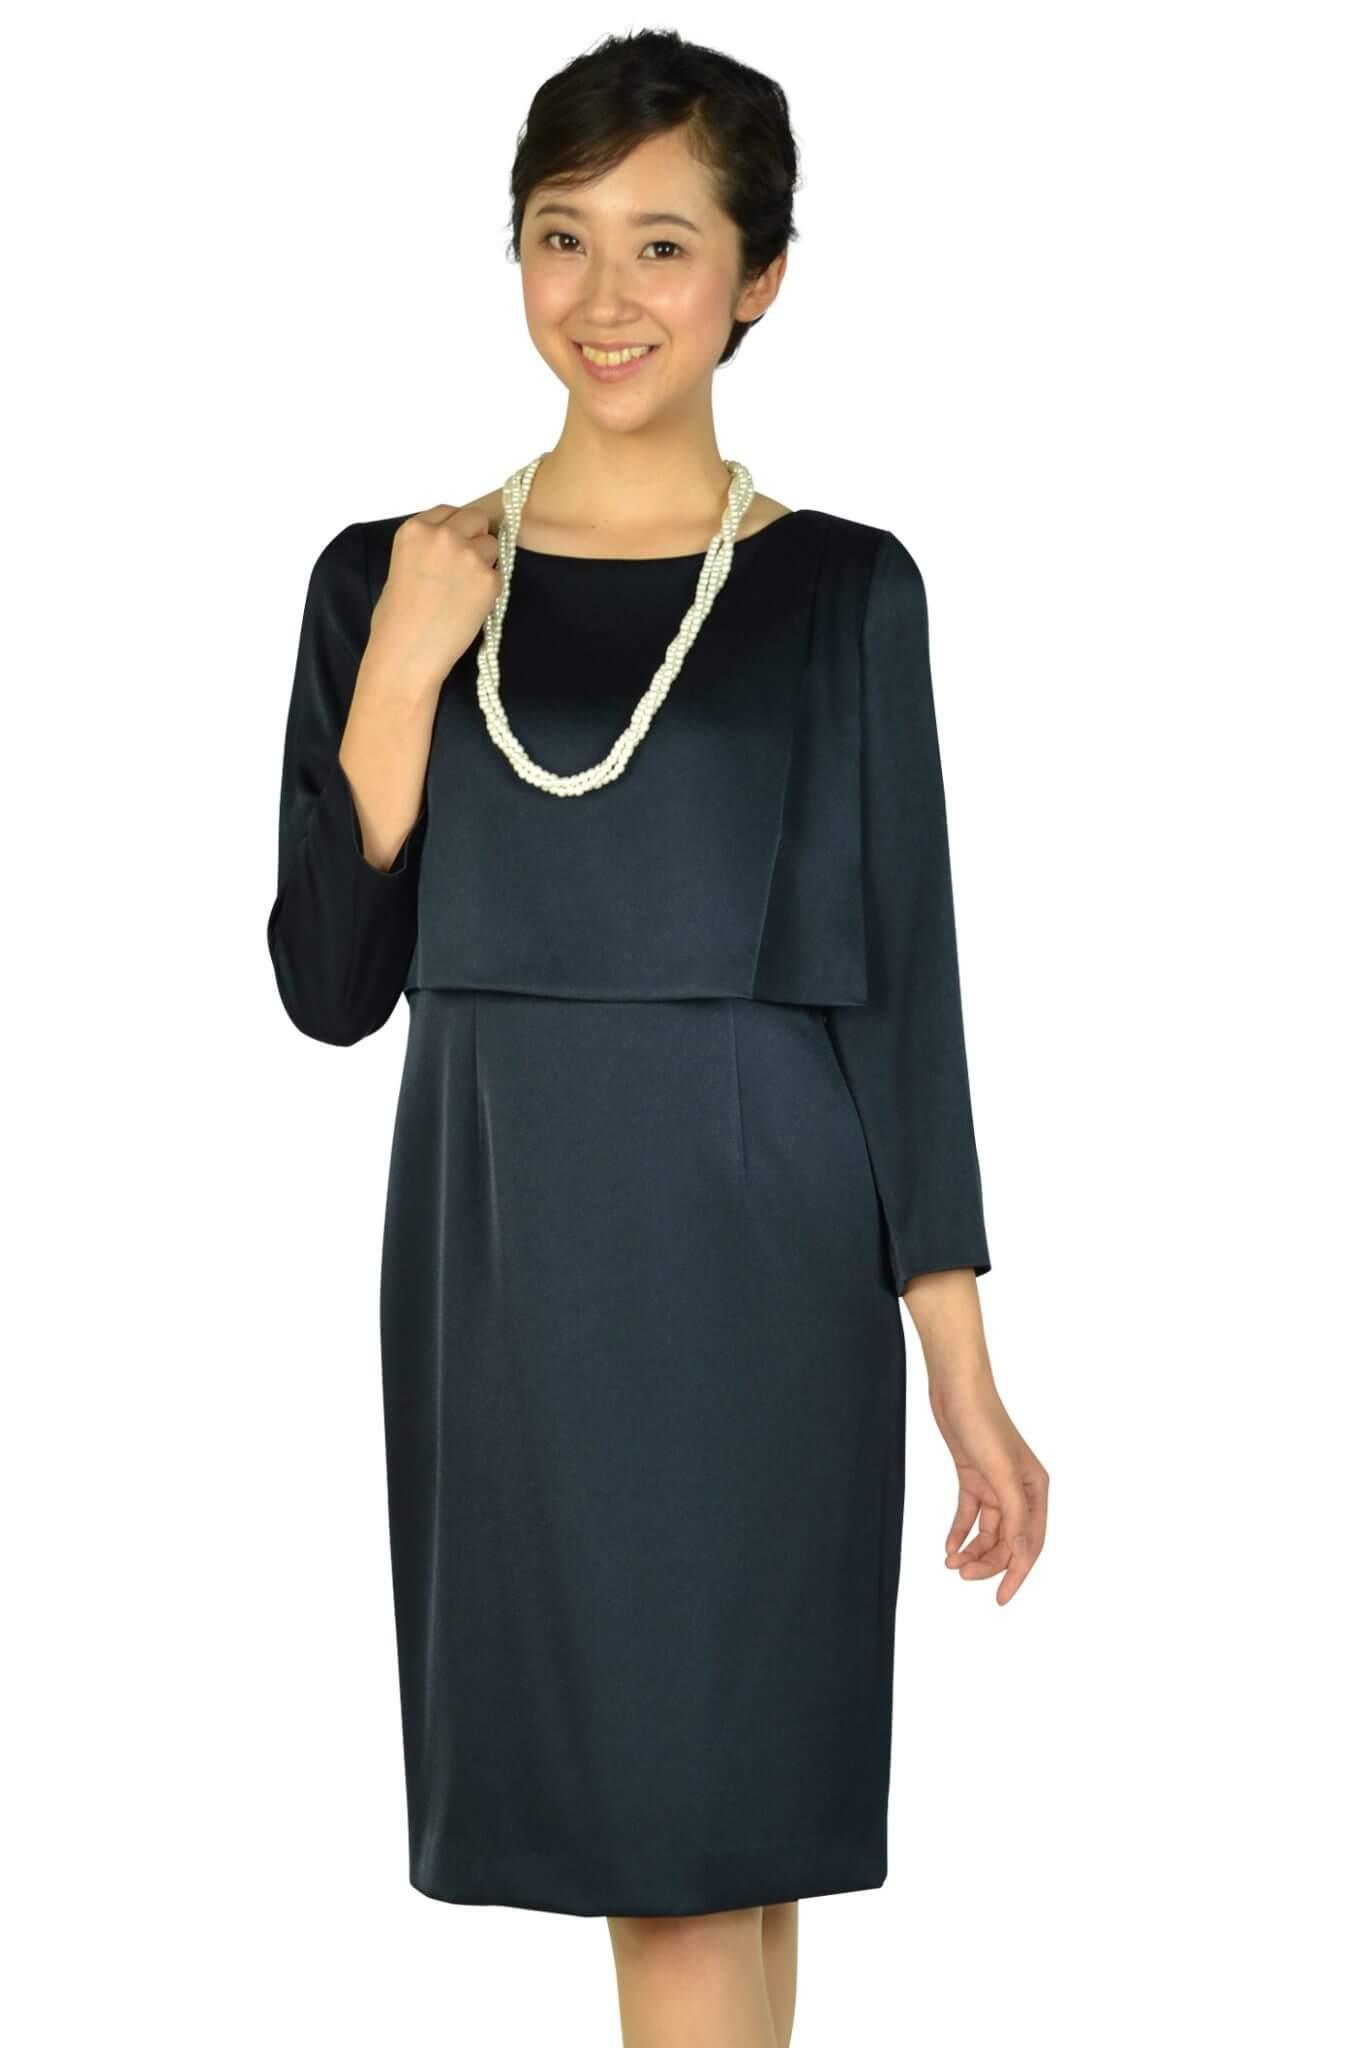 ユナイテッドアローズ (UNITED ARROWS)袖あり光沢シンプルネイビードレス